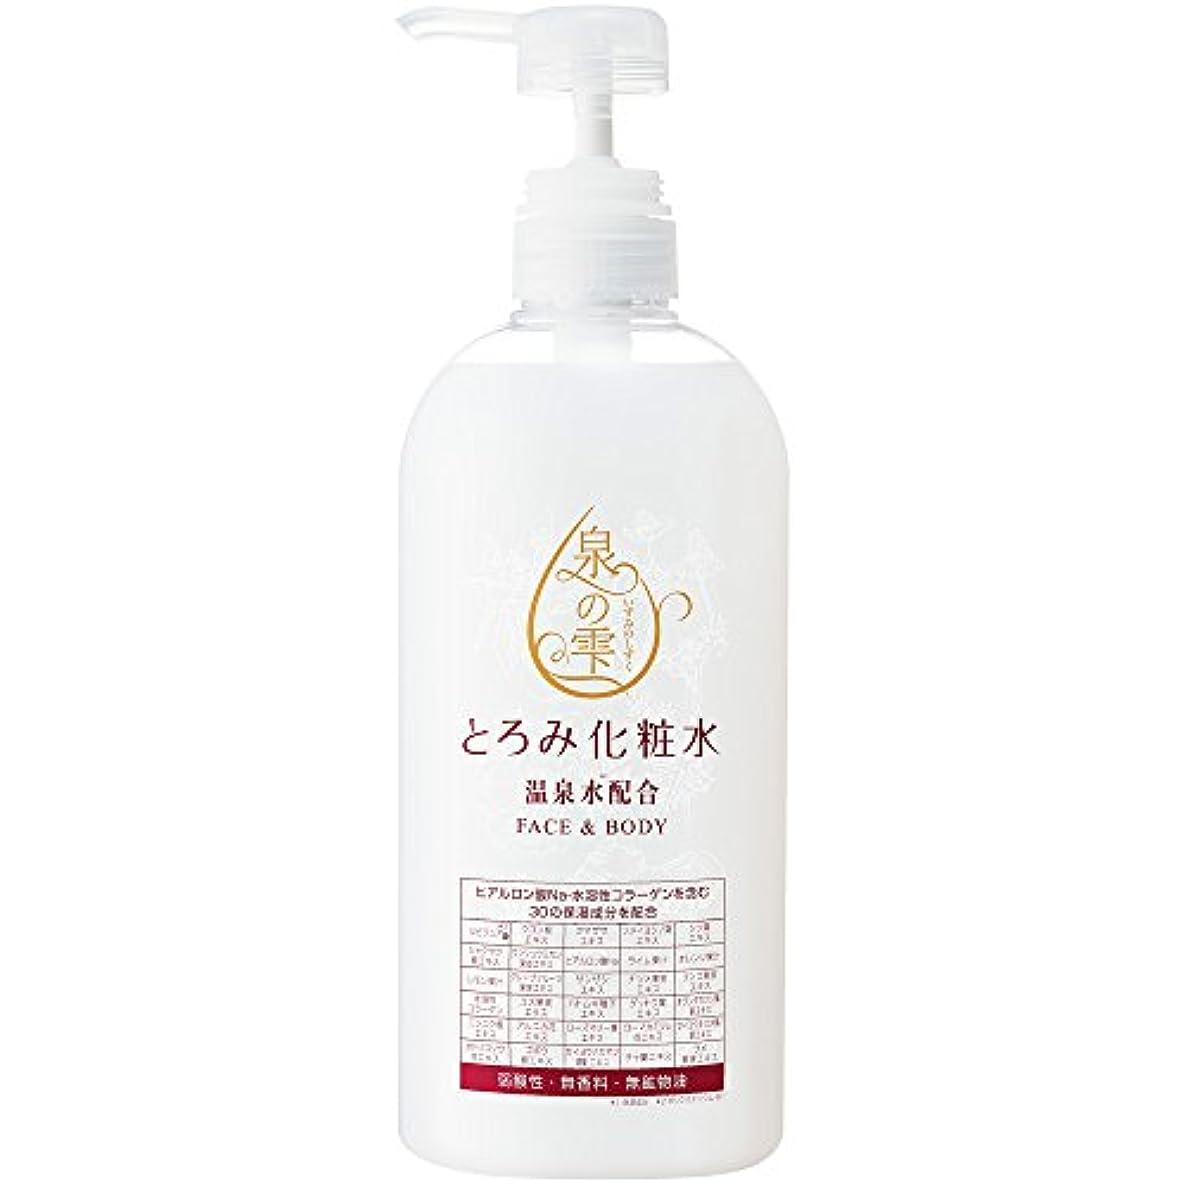 起業家ライン手を差し伸べる泉の雫(いずみのしずく)とろみ化粧水 700ml